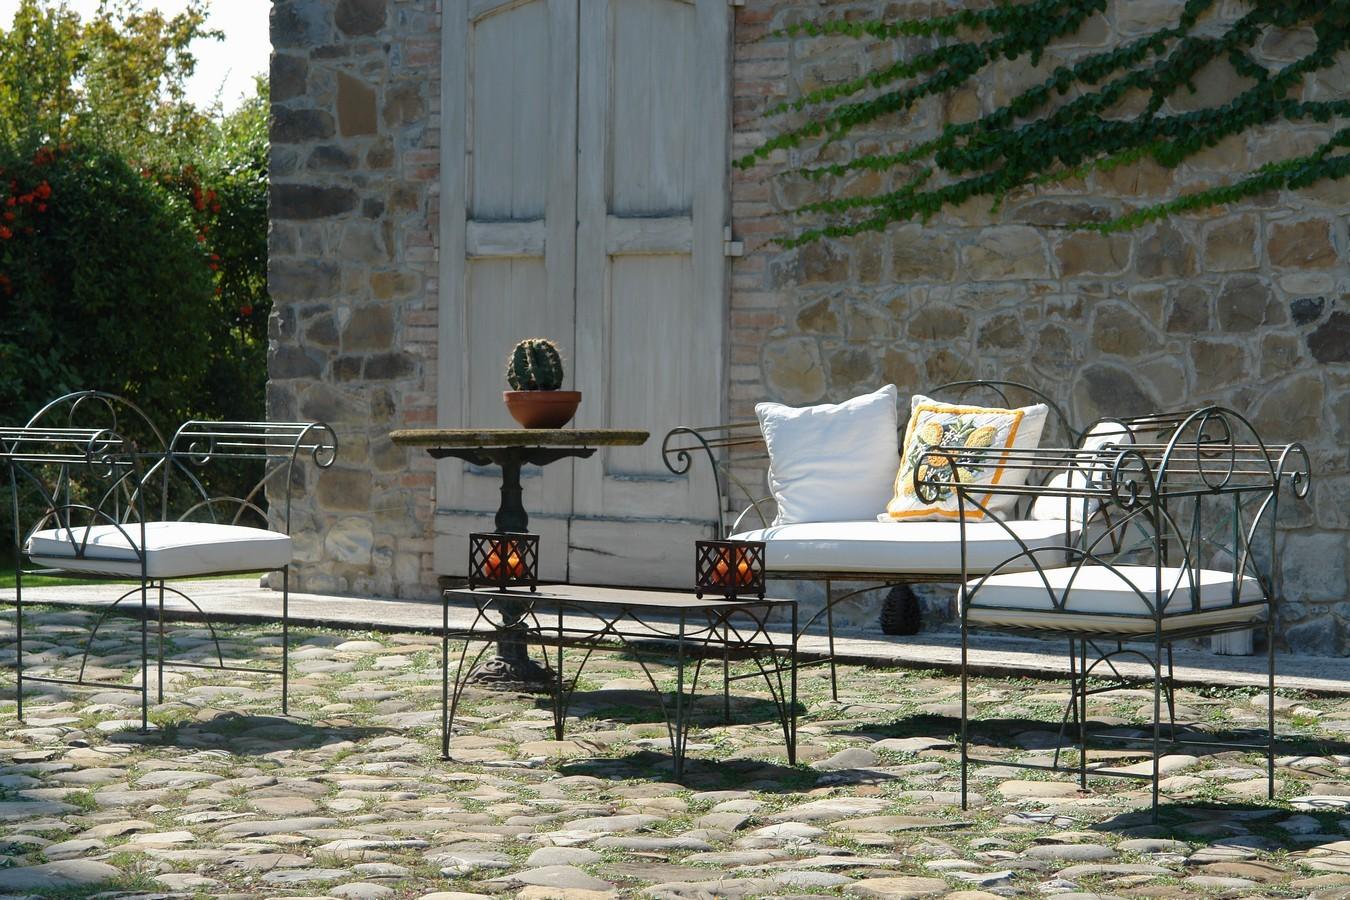 Giardini paghera spirito country - Giardini country ...